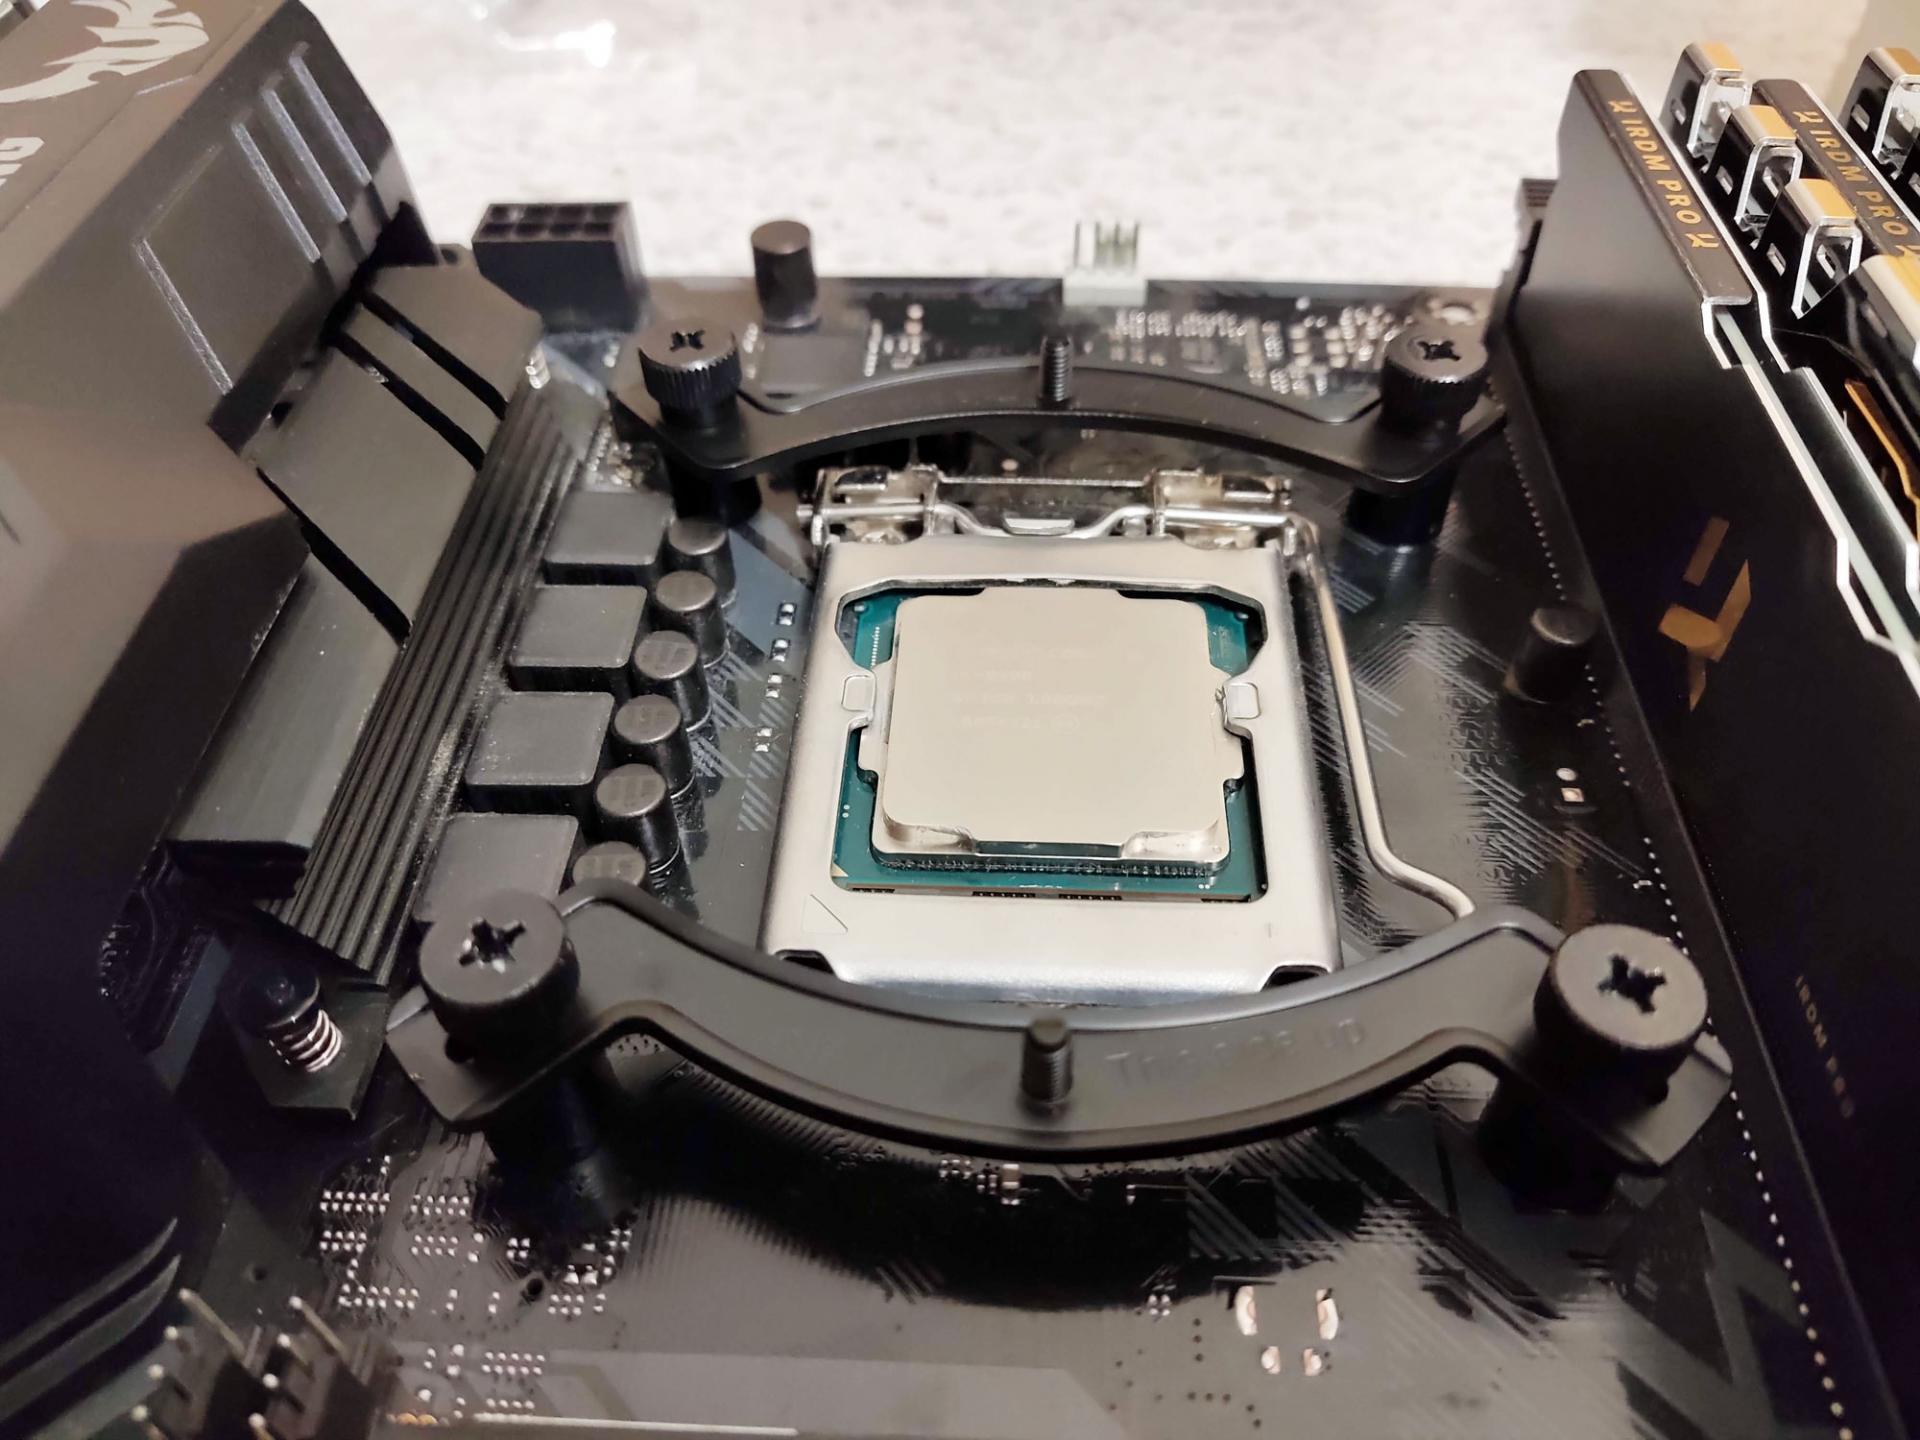 Сможетли Intel Core i5-9600KF работать сотключённым кулером